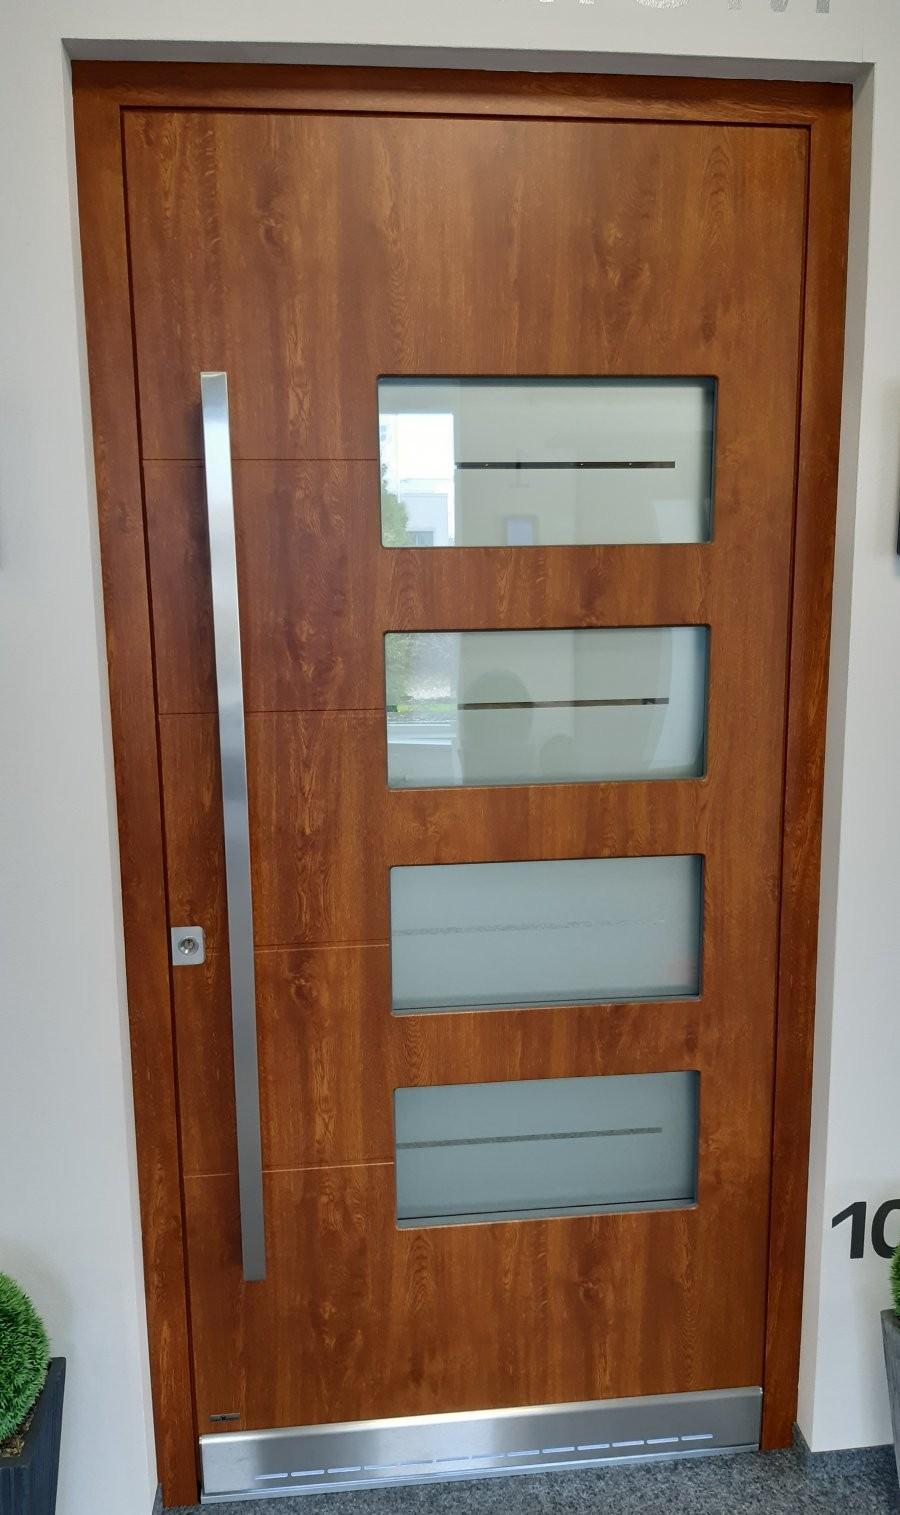 Türe mit 4 rechteckigen Lichtausschnitten, beidseitig flügelüberdeckend